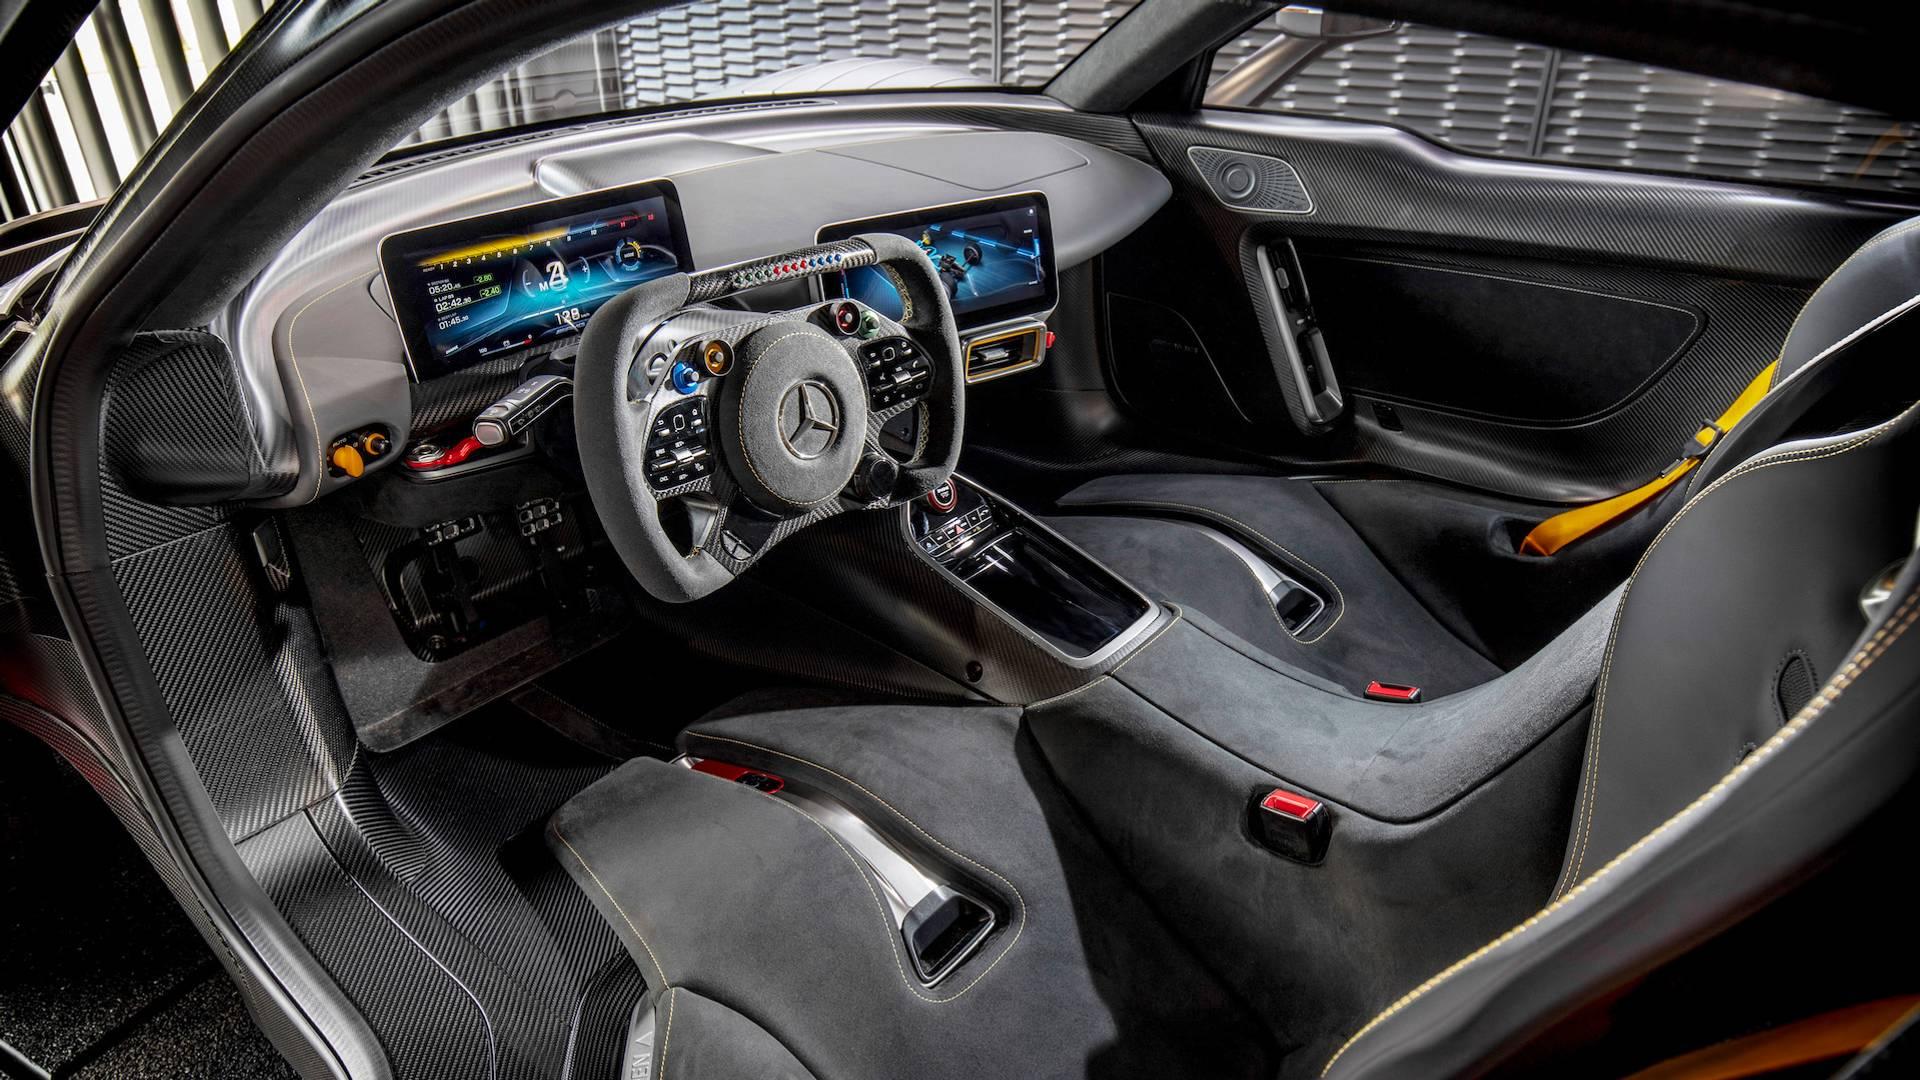 Все модели Mercedes-AMG станут подключаемыми гибридами 2